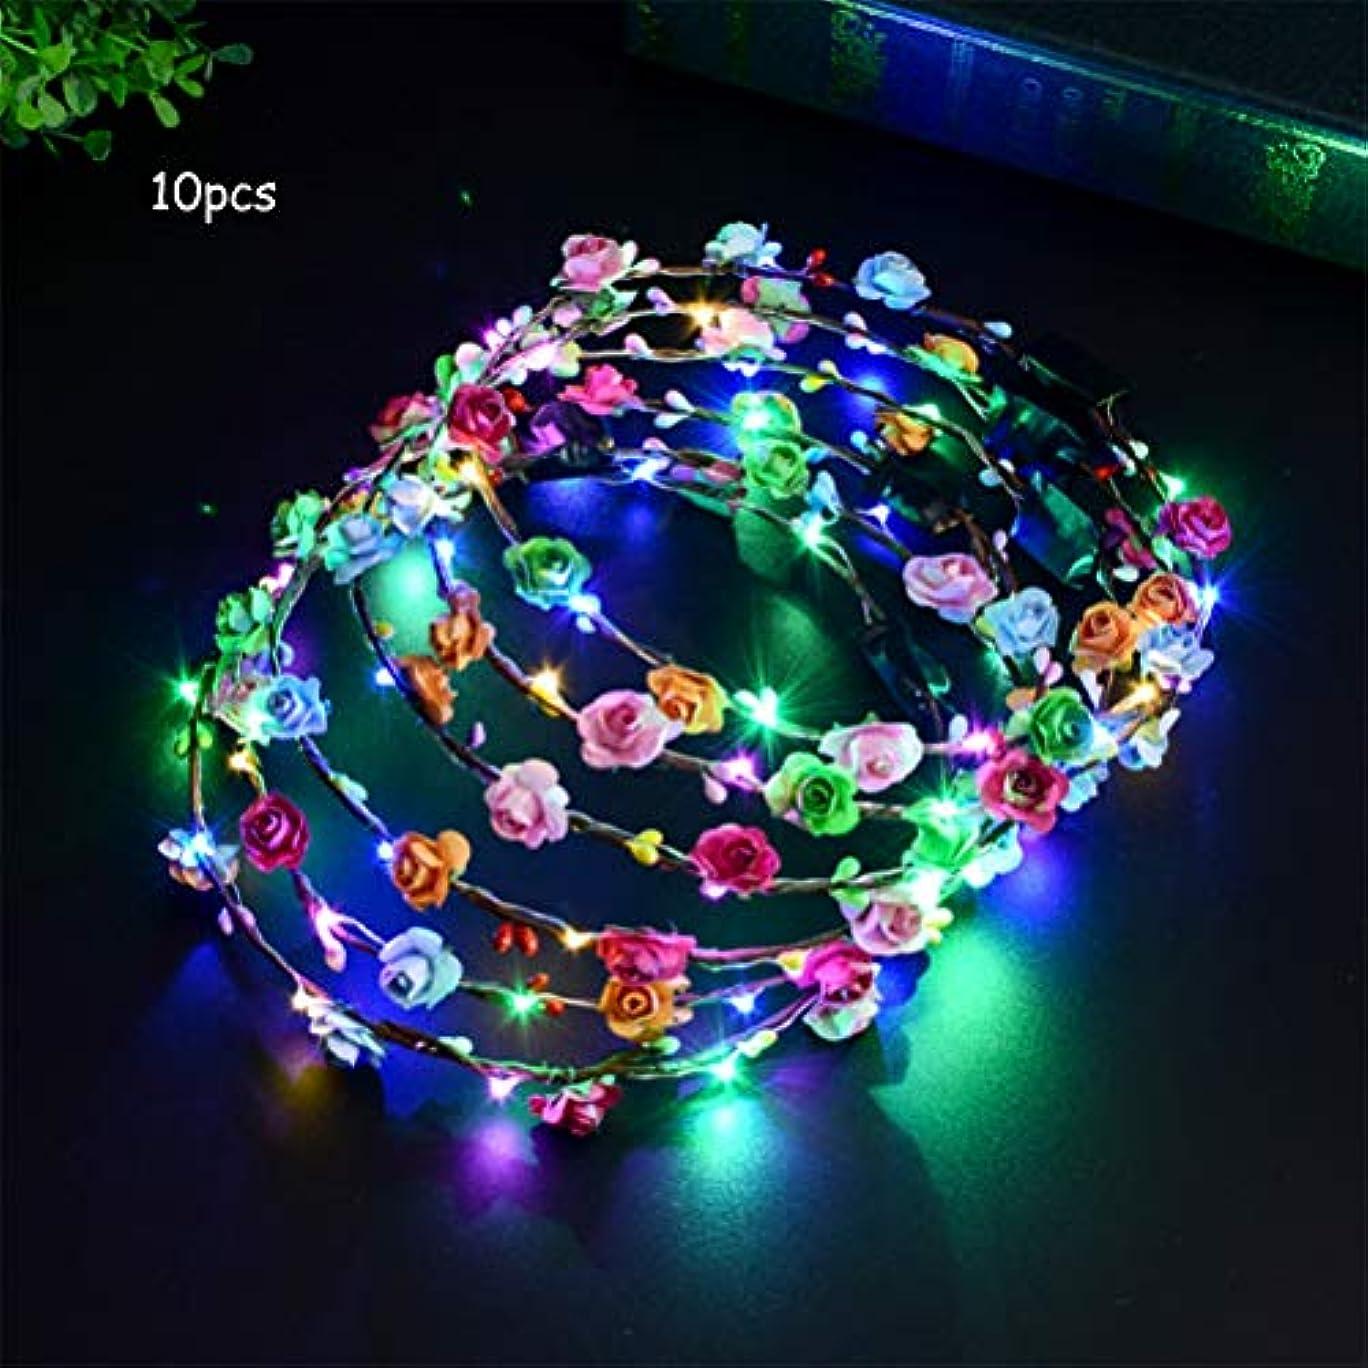 貸すプログラム苦悩10個LEDフラワーヘッドバンドクラウンは暗闇で光ります